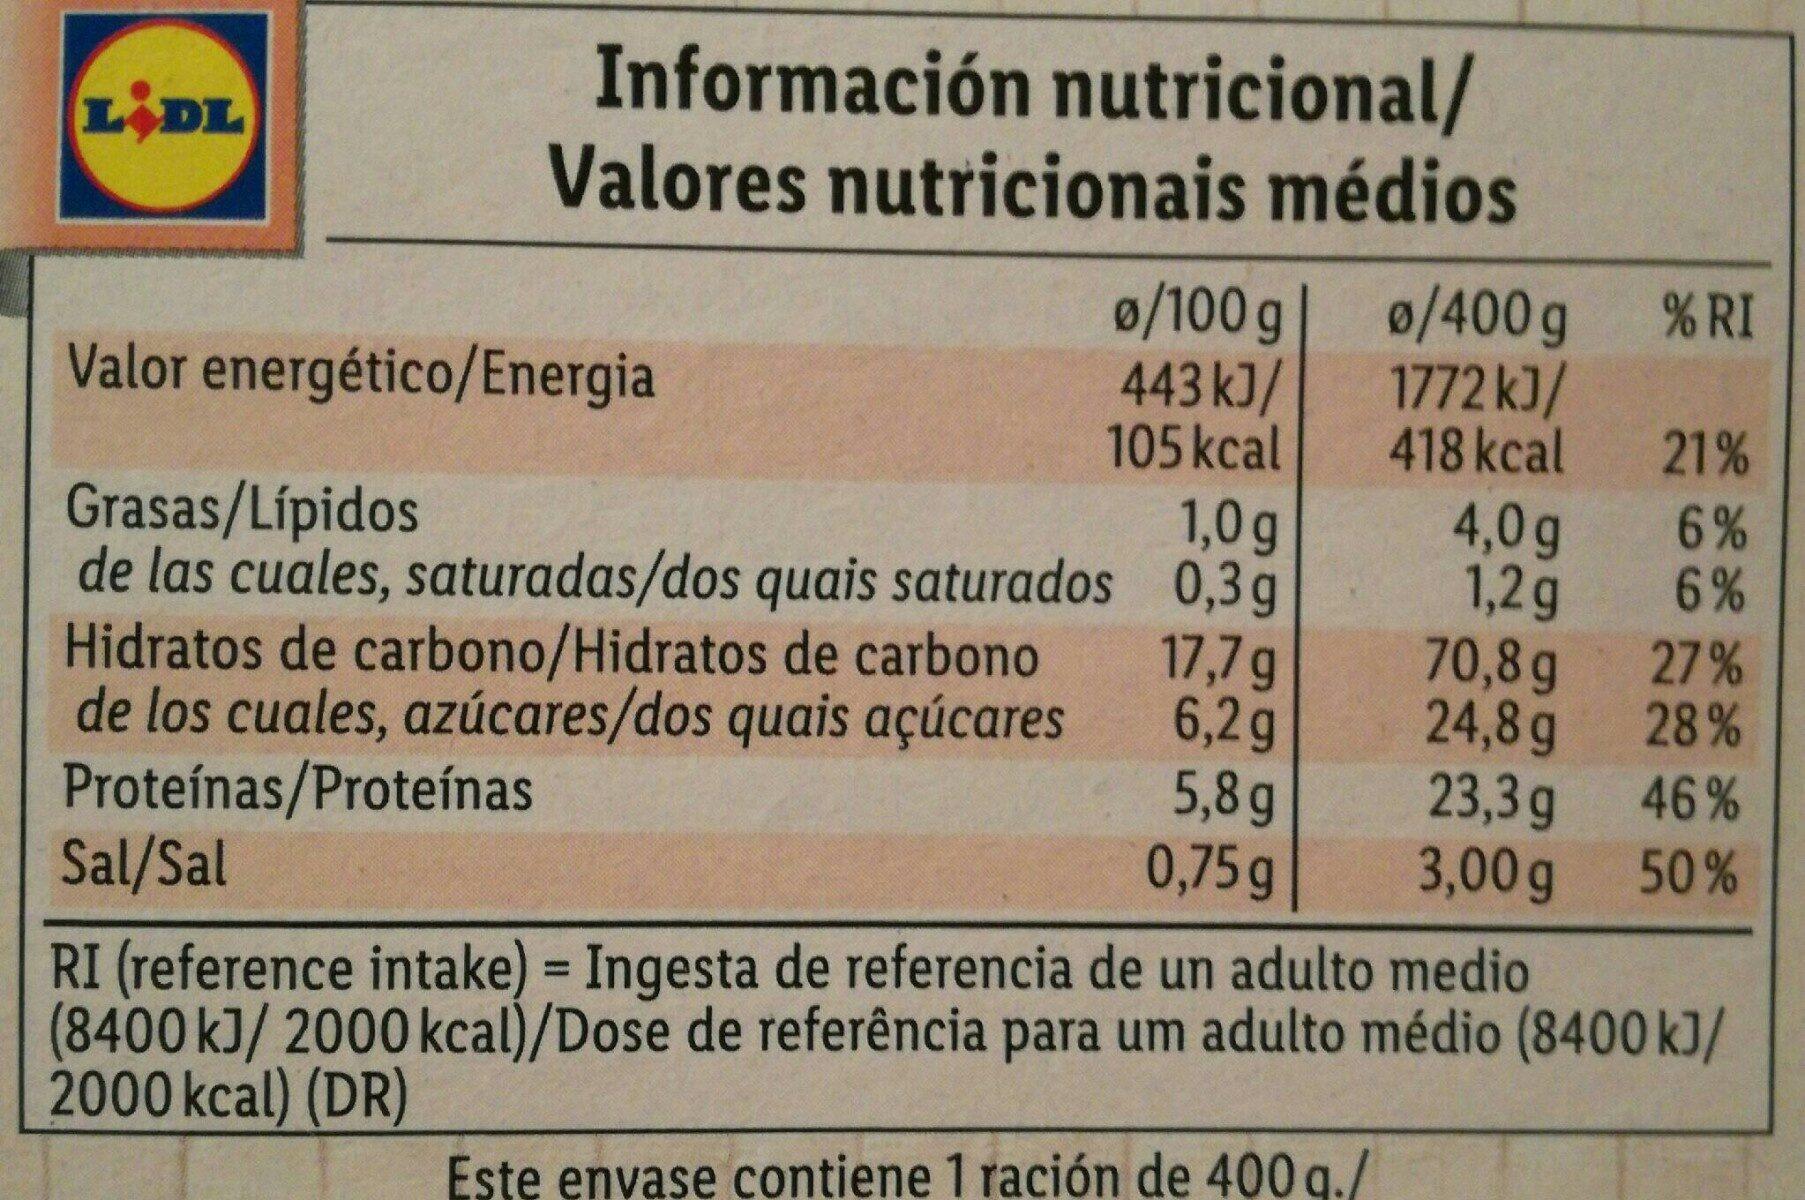 Pollo agridulce - Información nutricional - de